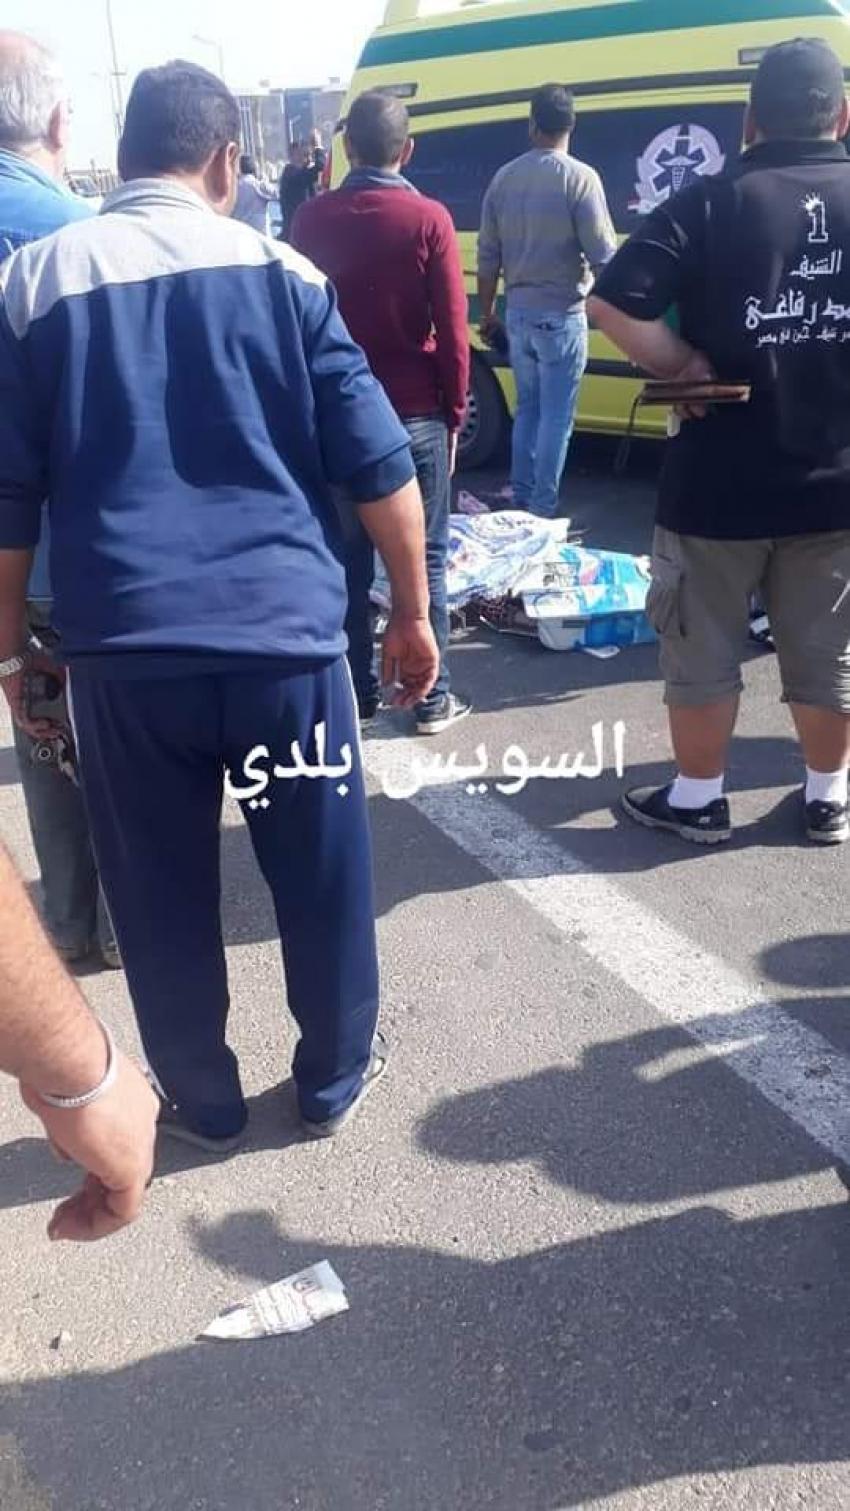 بالصور..مصرع فتاتين في حادث دهس سيارة نقل قبل كوبري الجيش بالسويس